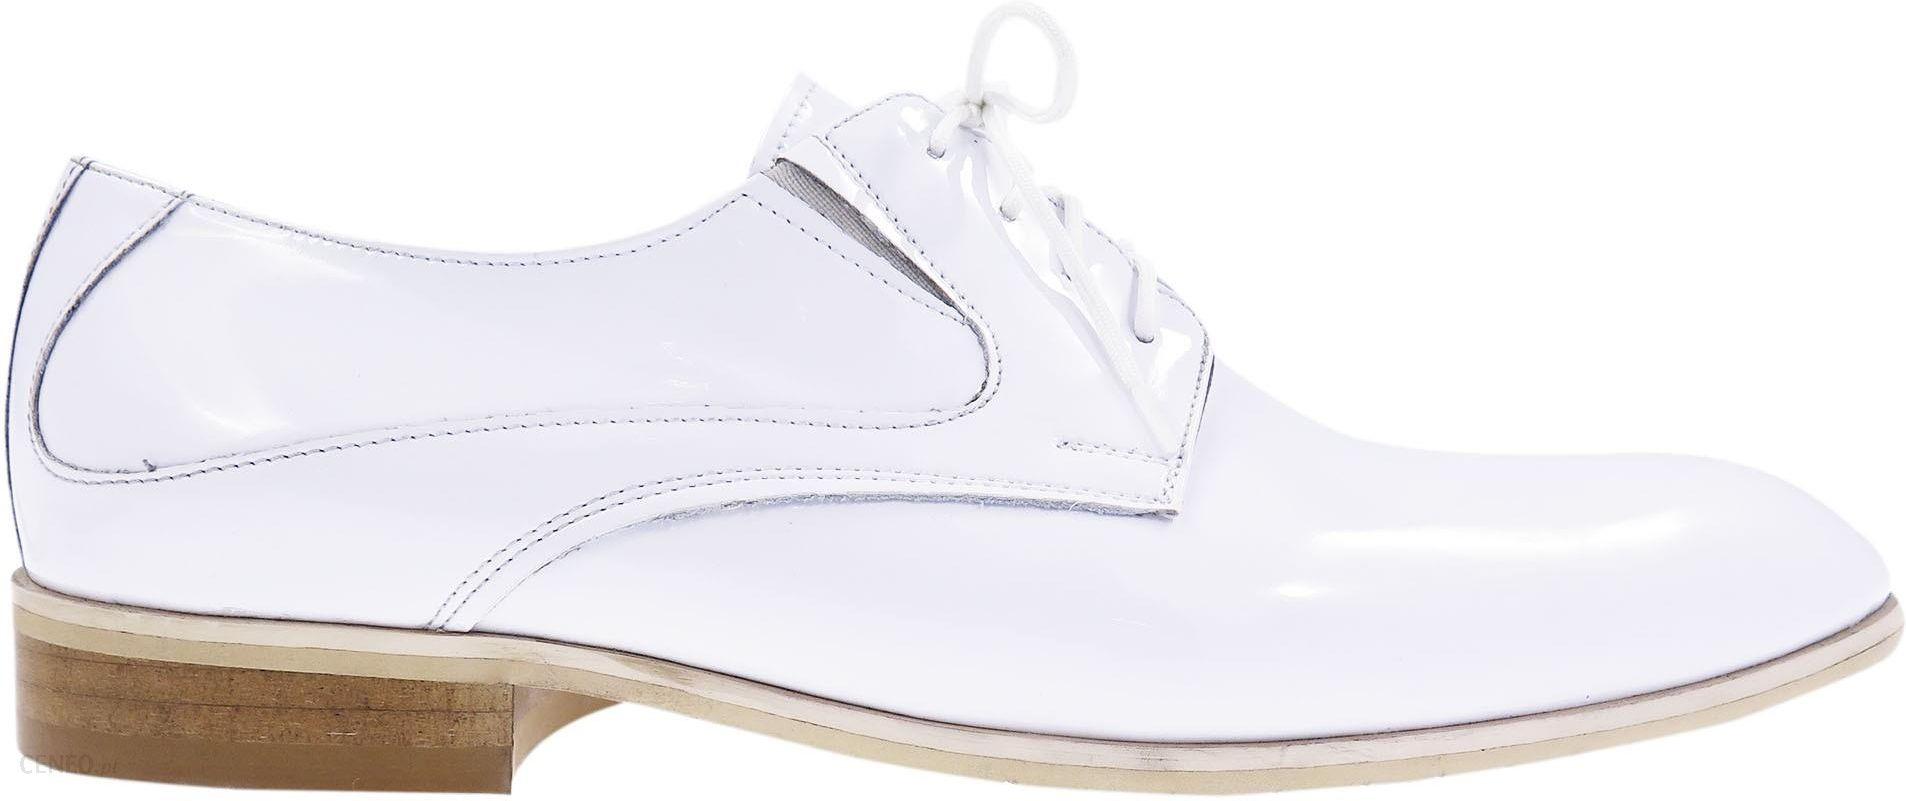 Unikalne białe lakierki męskie buty wizytowe T7 Rozmiar